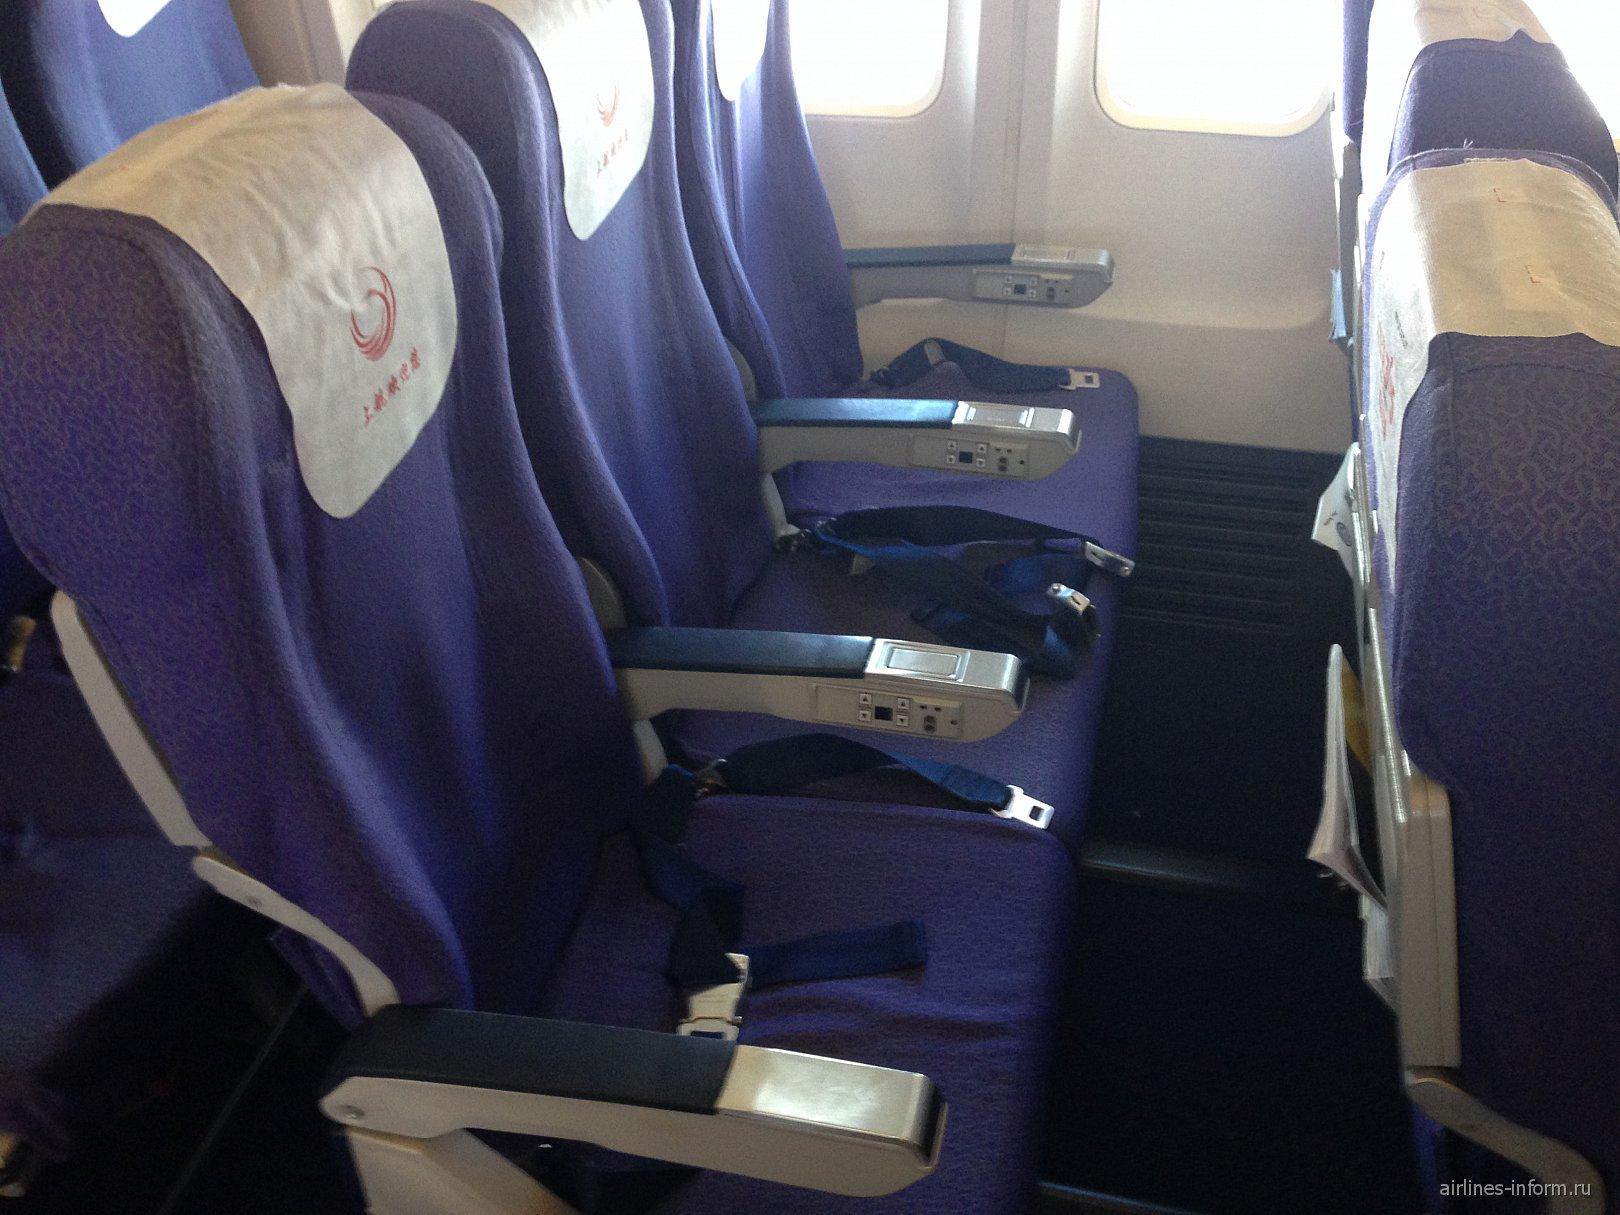 Кресла экономического класса в Боинге-737-800 Шанхайских авиалиний